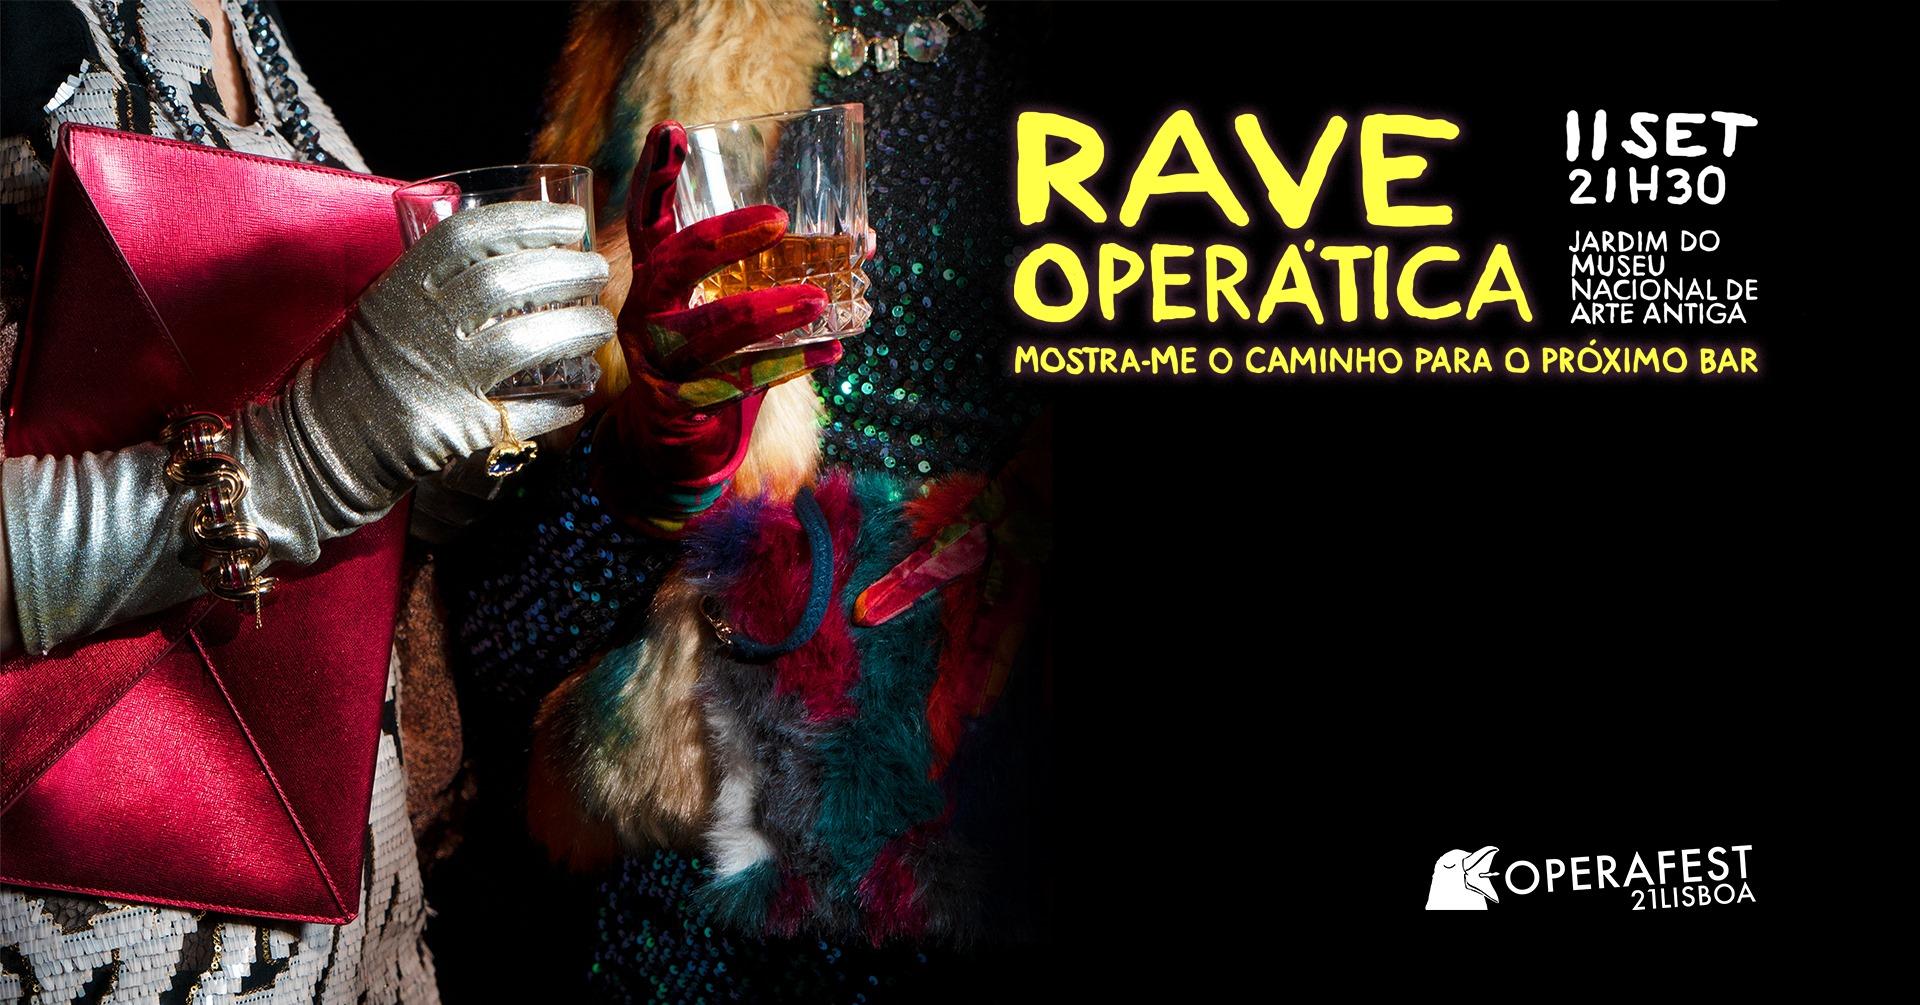 RAVE OPERÁTICA: Mostra-me o caminho do próximo bar - OPERAFEST LISBOA 2021